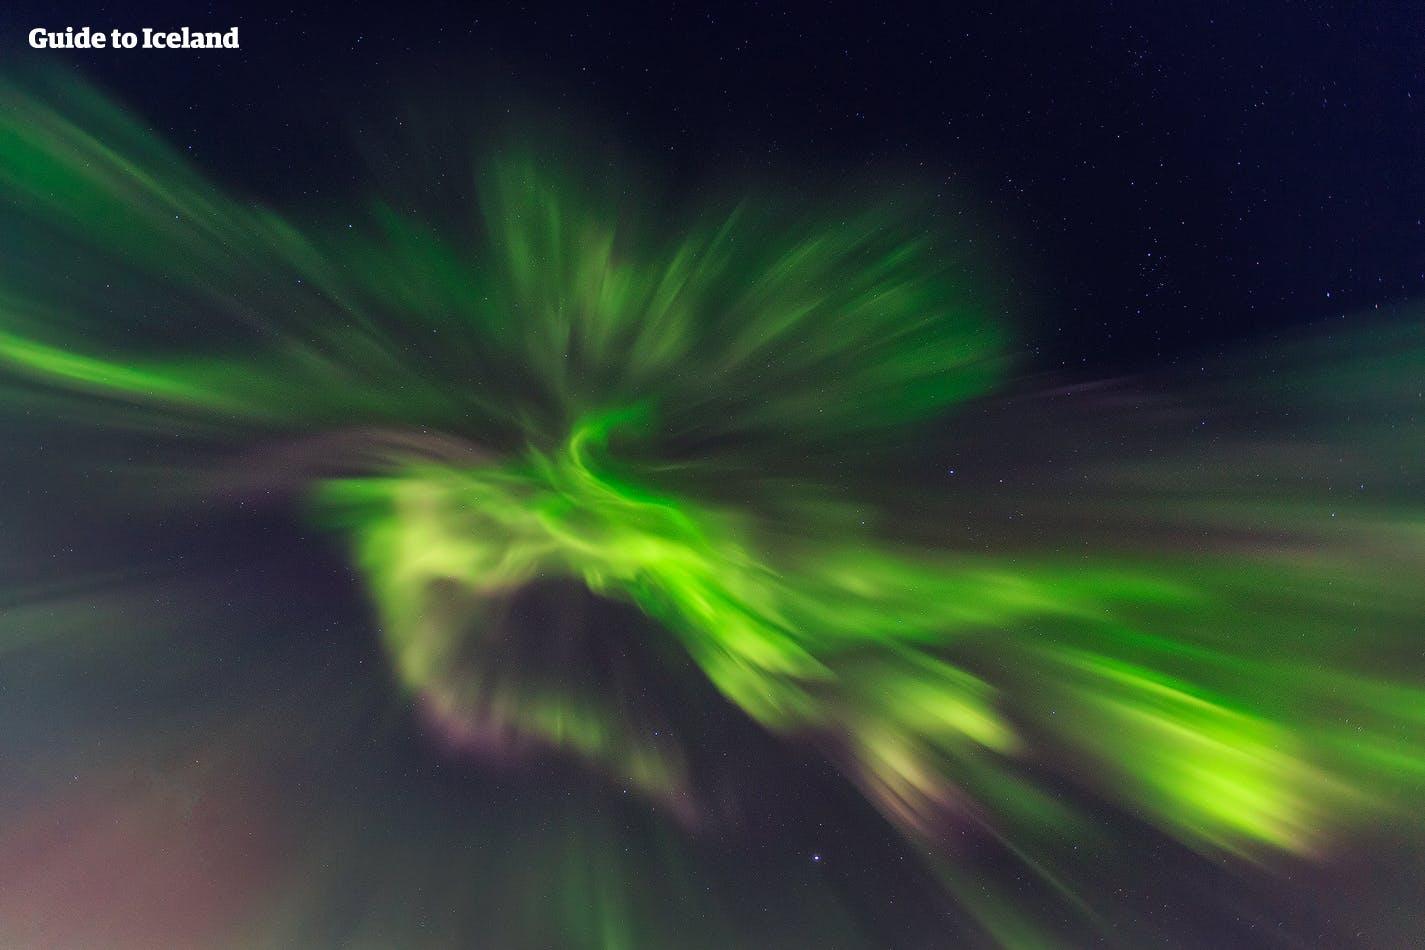 Podróżując po Islandii zimą koniecznie wypatruj na niebie zorzy polarnej, która może się pojawić w każdym momencie.